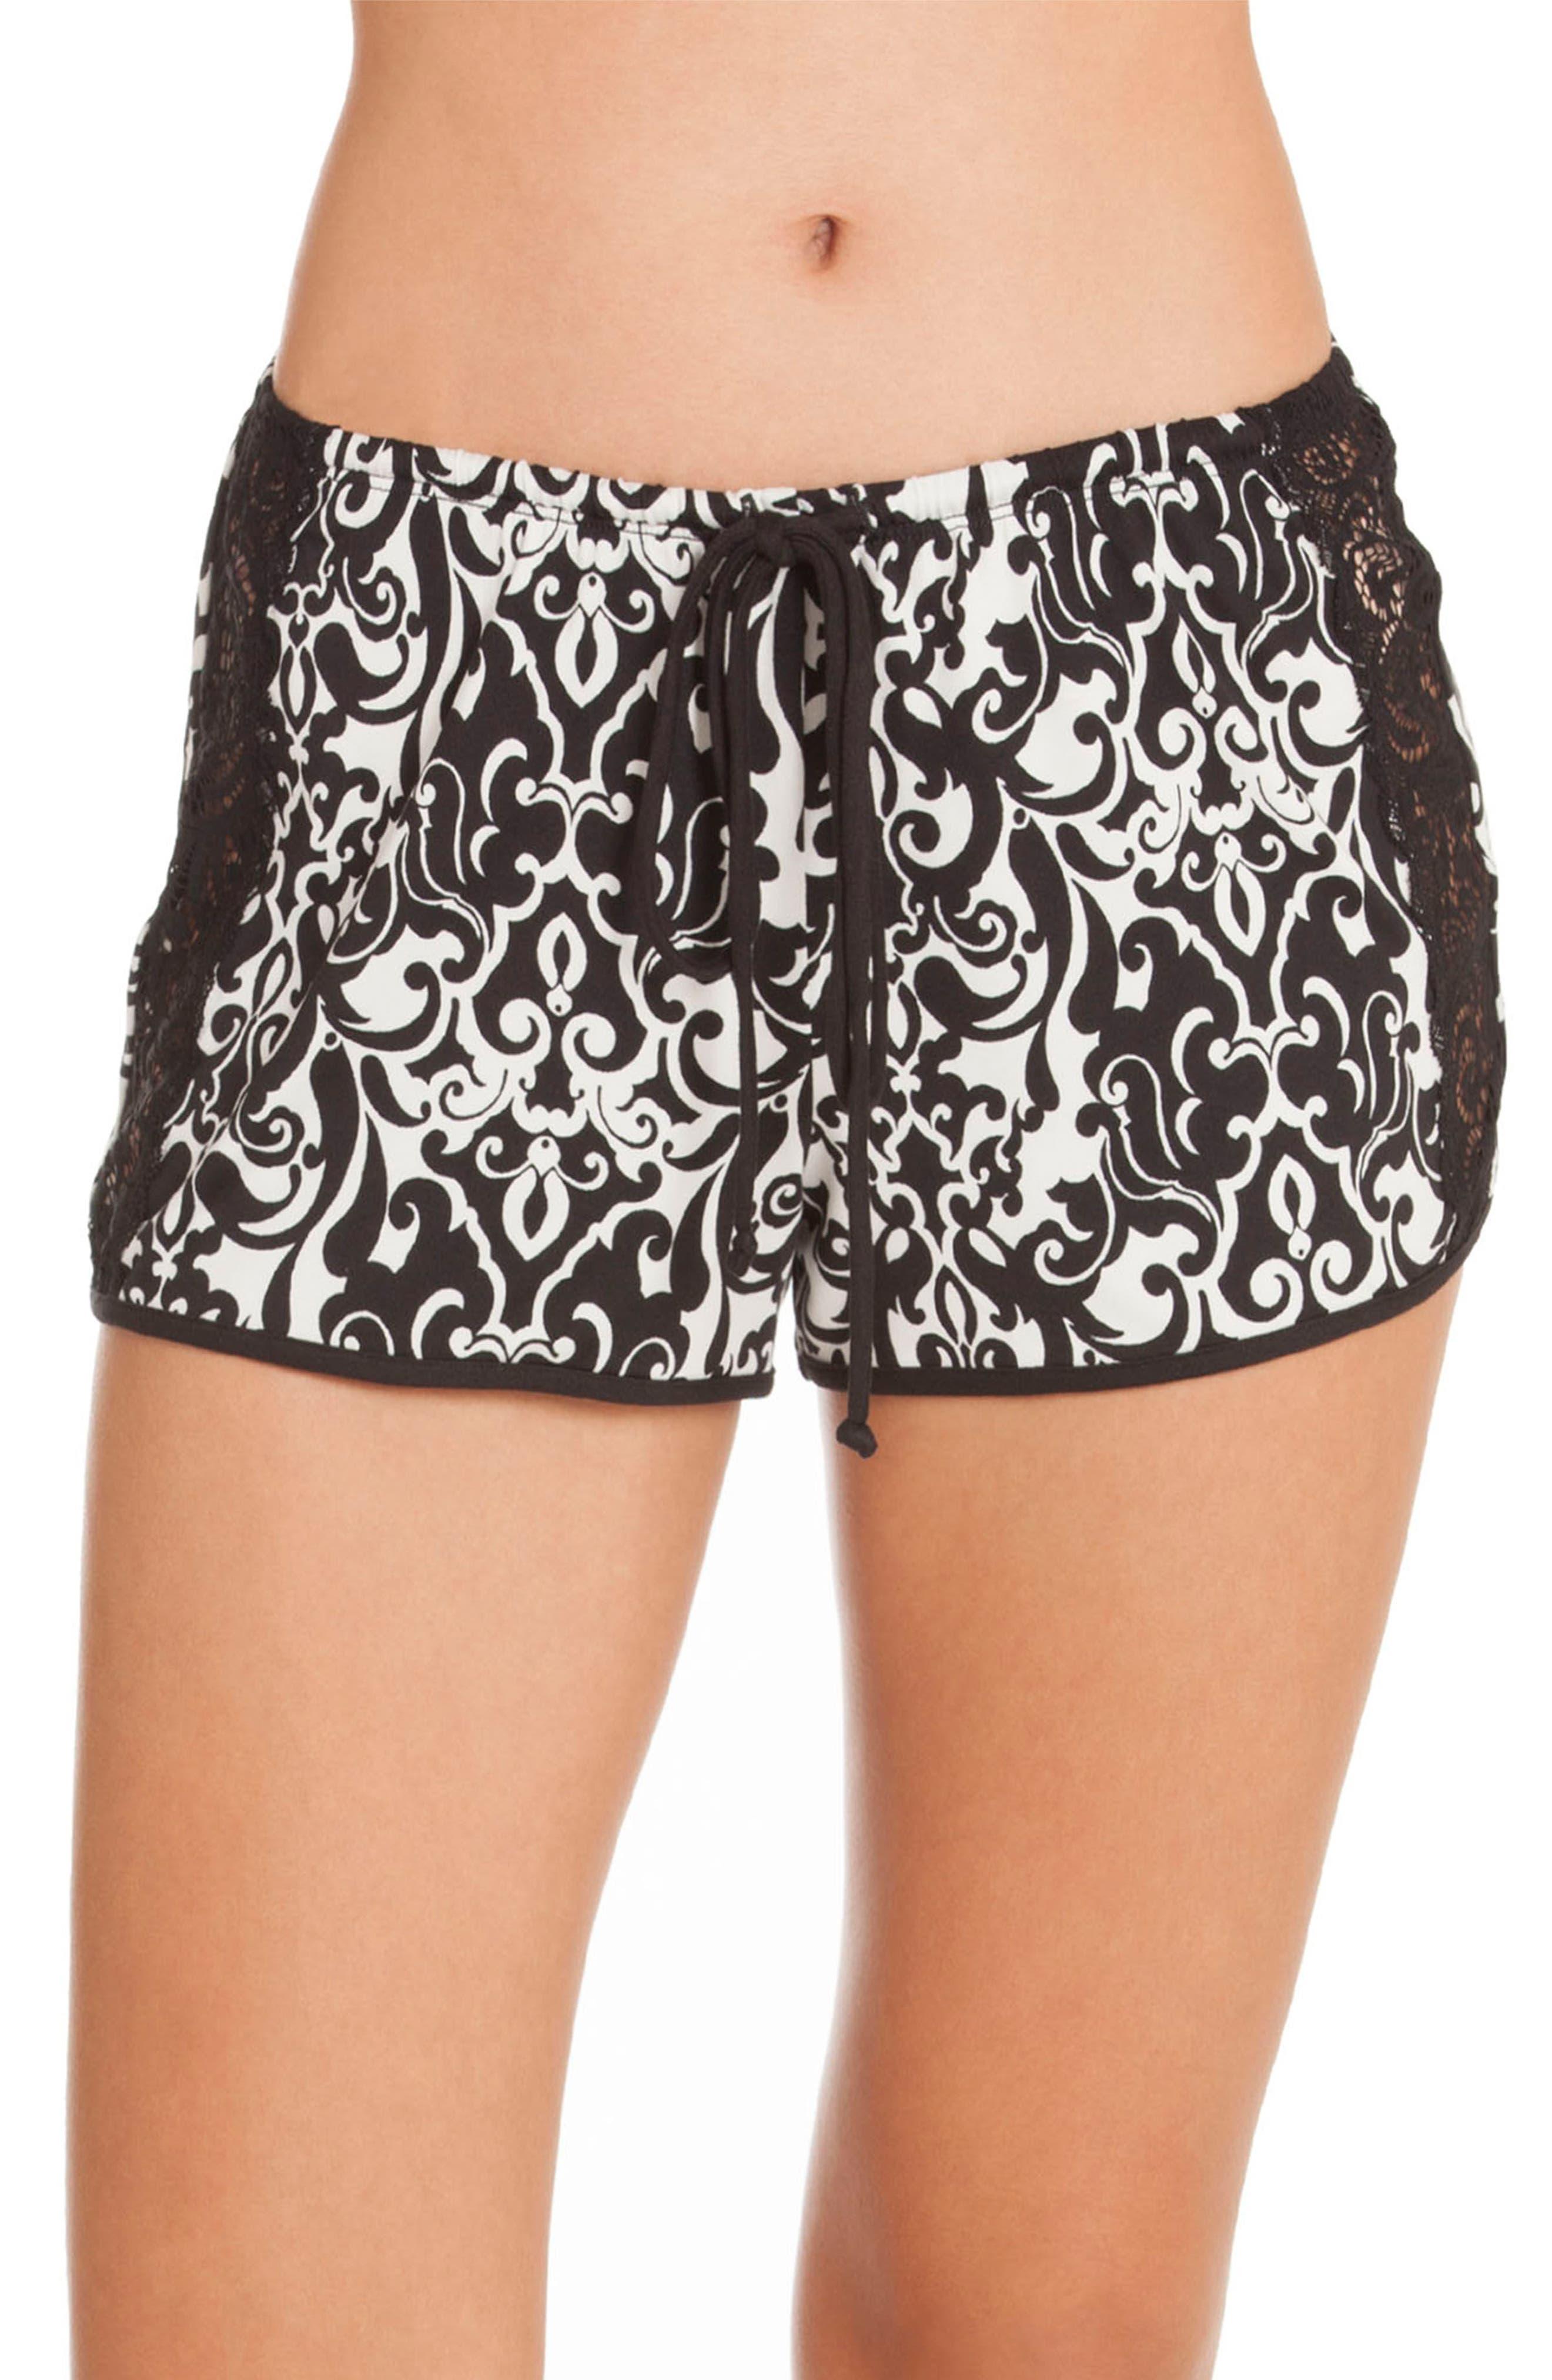 Konya Pajama Shorts,                         Main,                         color, Black/ Ivory